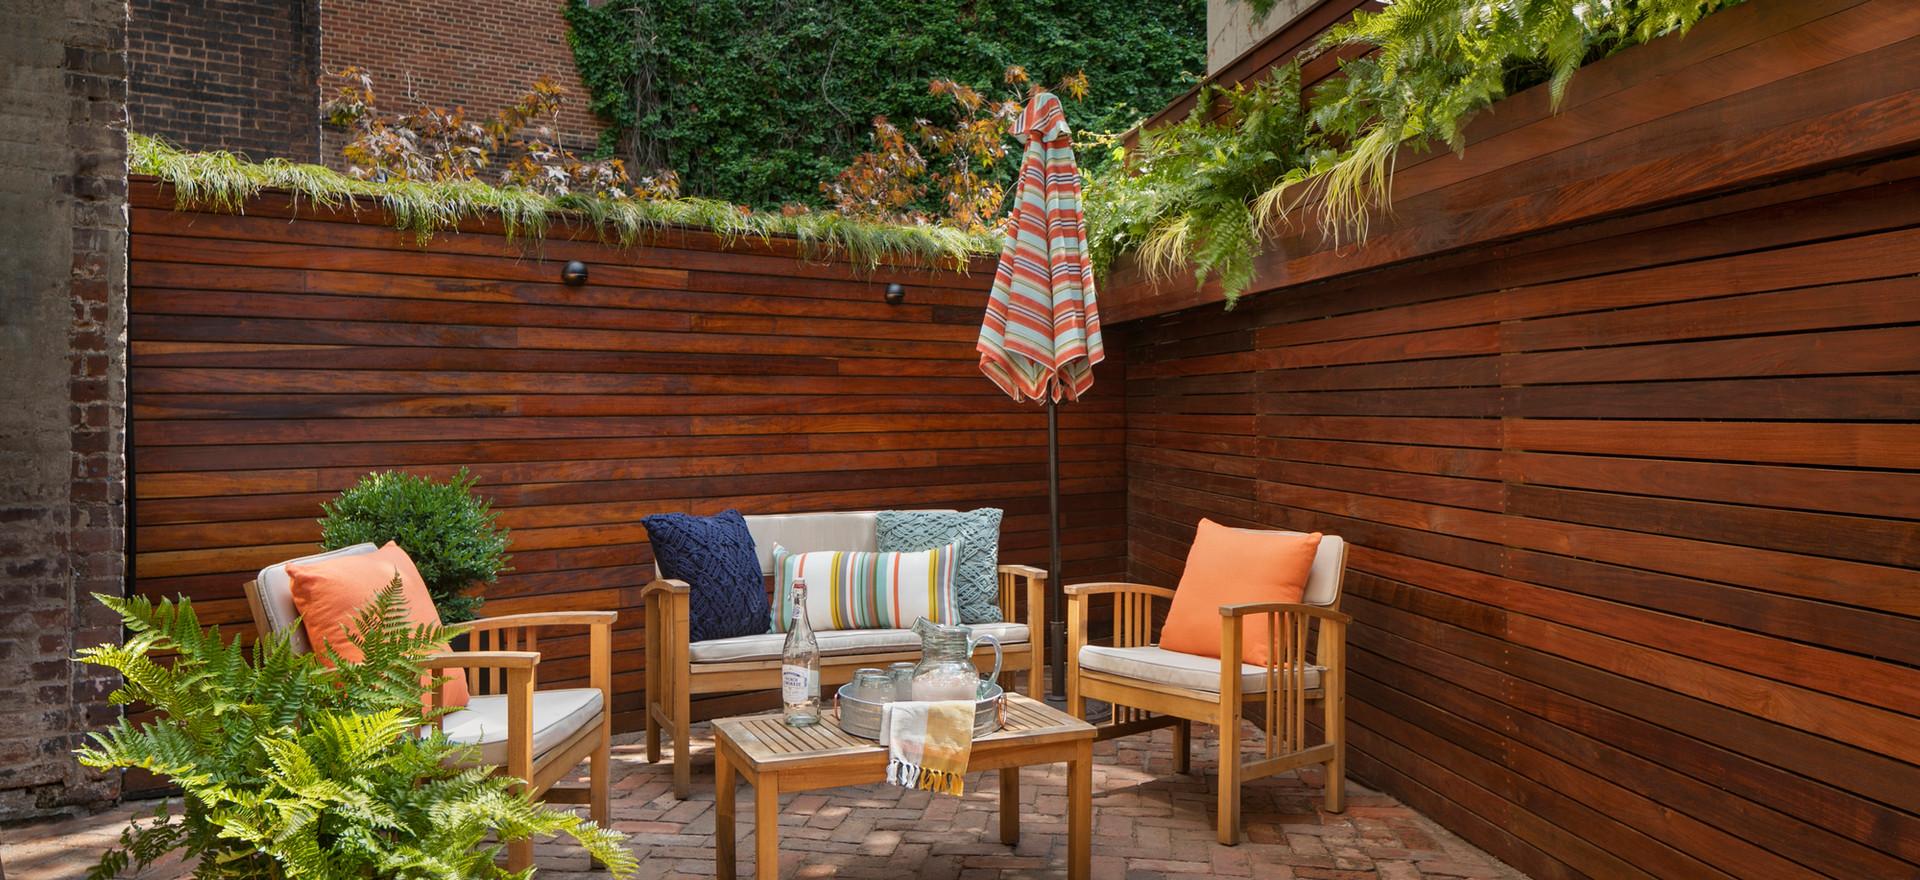 Staghorn NYC West Village Backyard Garden Design